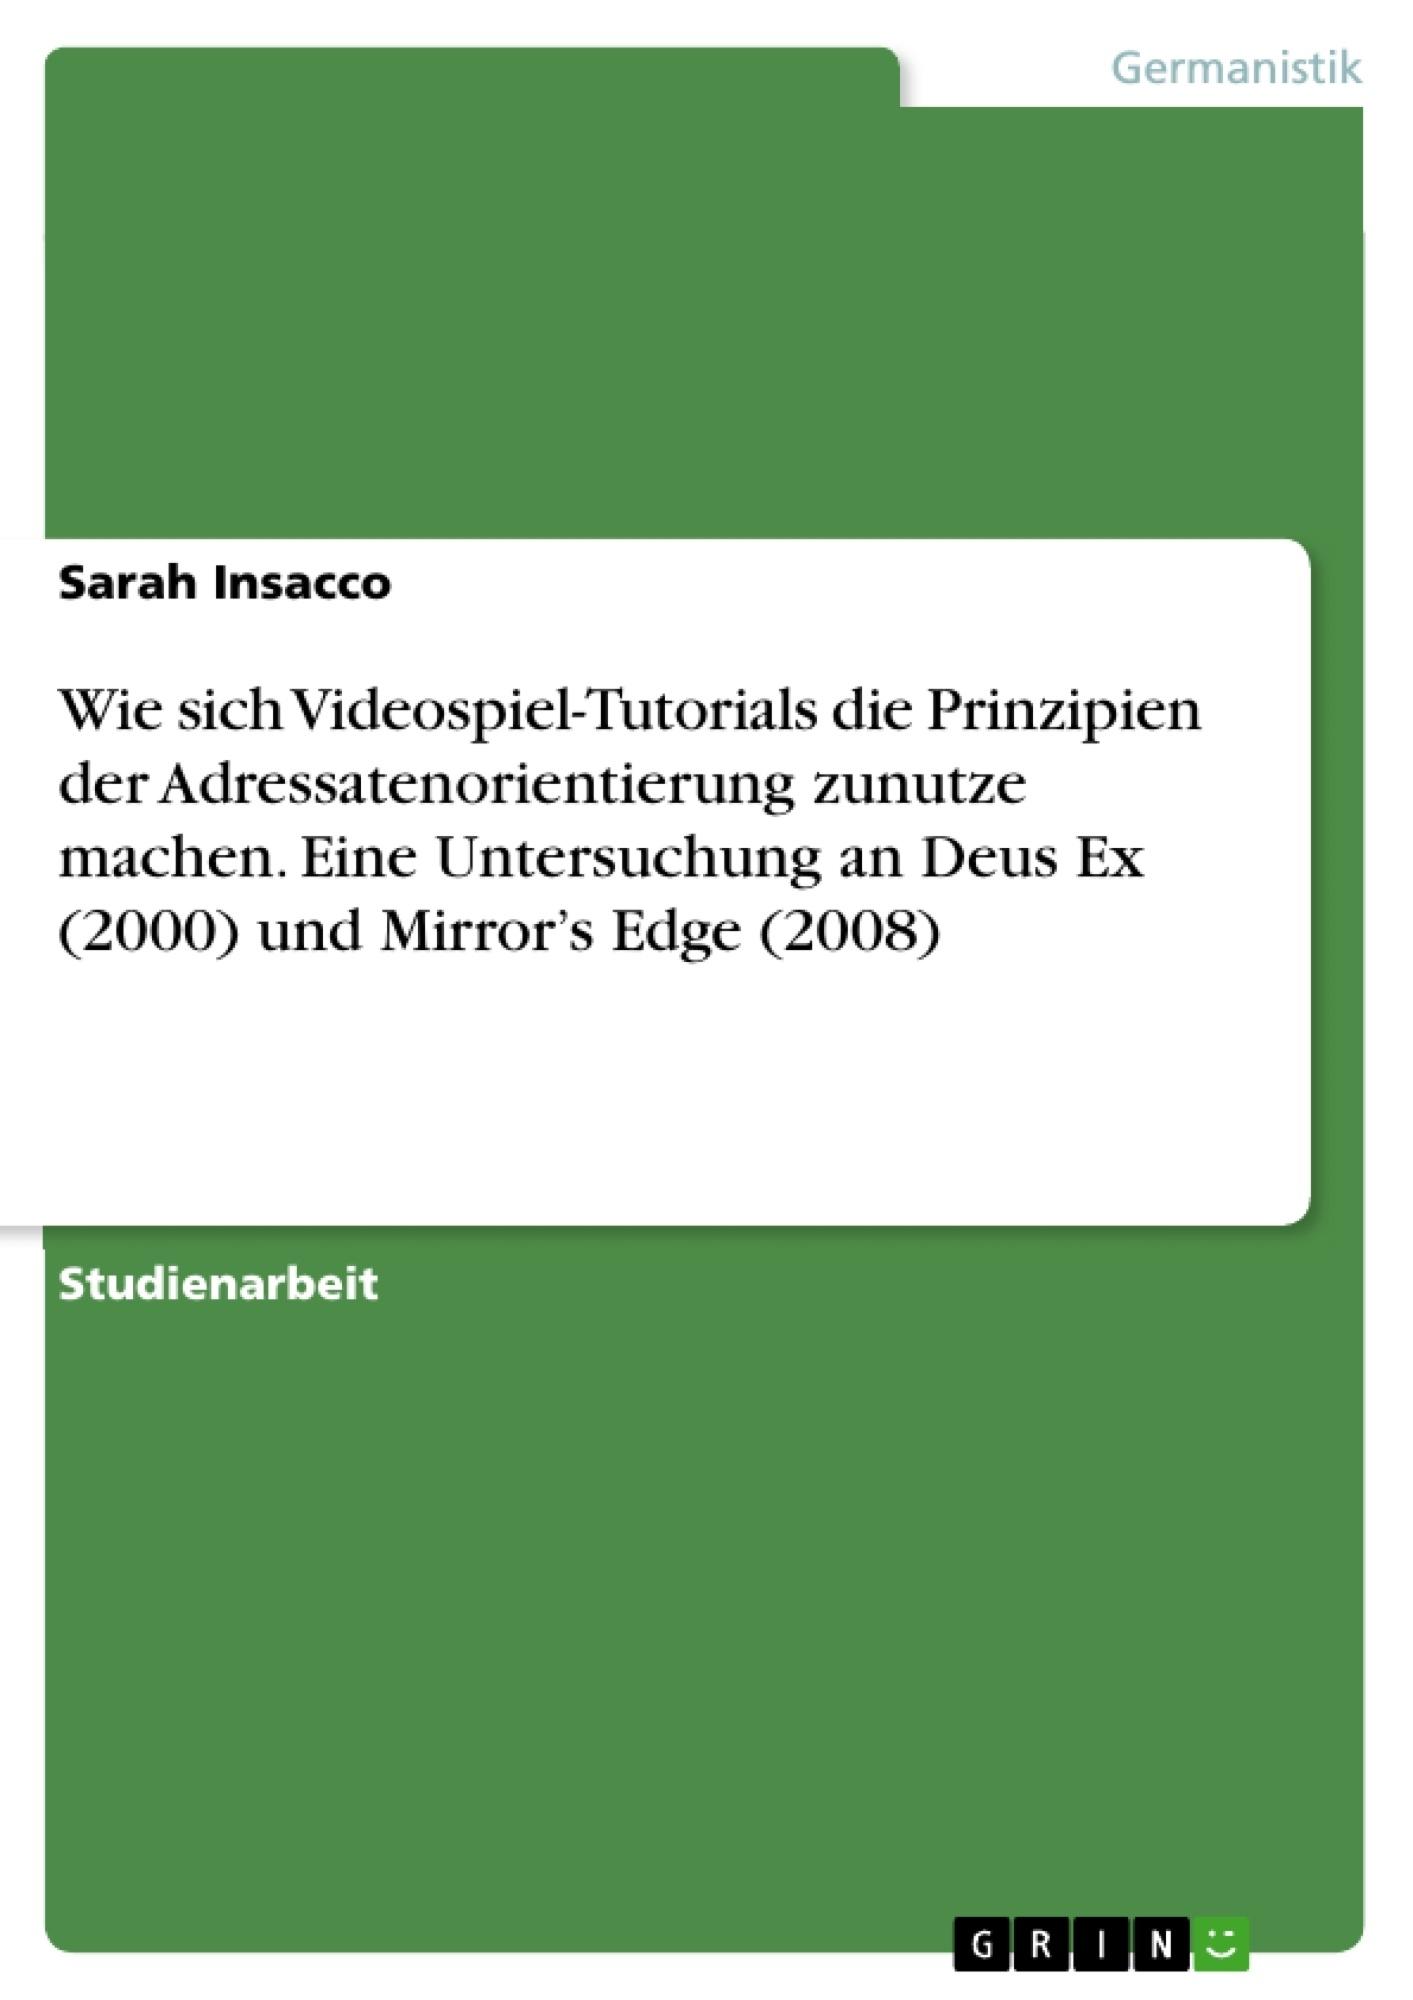 Titel: Wie sich Videospiel-Tutorials die Prinzipien der Adressatenorientierung zunutze machen. Eine Untersuchung an Deus Ex (2000) und Mirror's Edge (2008)